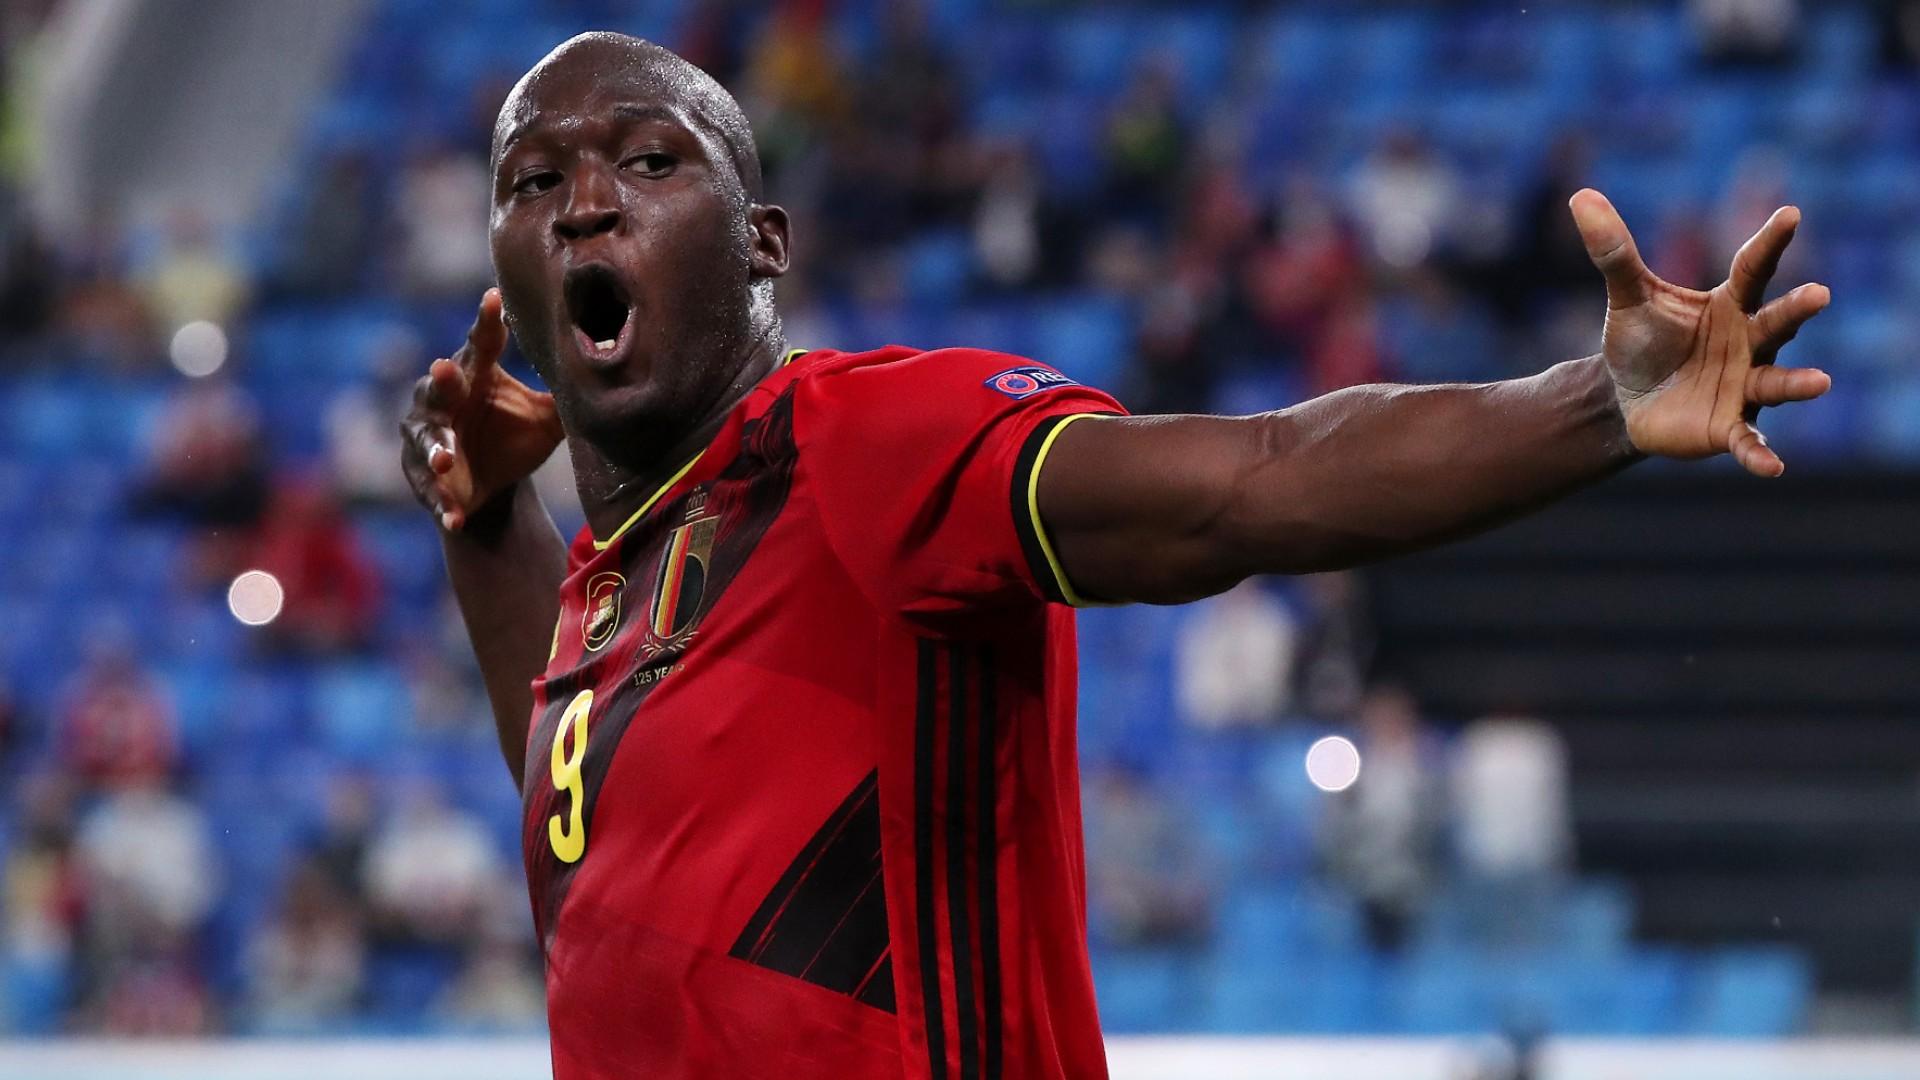 LIVE: Belgium vs Italy